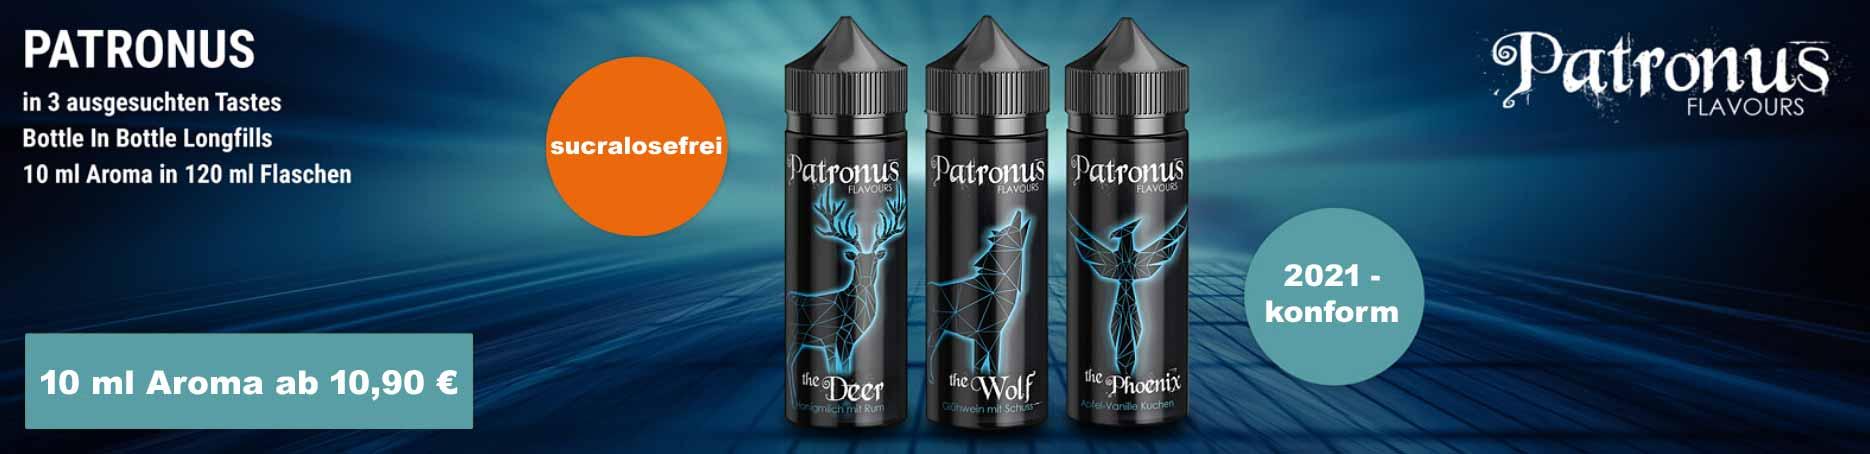 Patronus Aroma von Ultrabio zur Herstellung von Liquids für e-Zigaretten